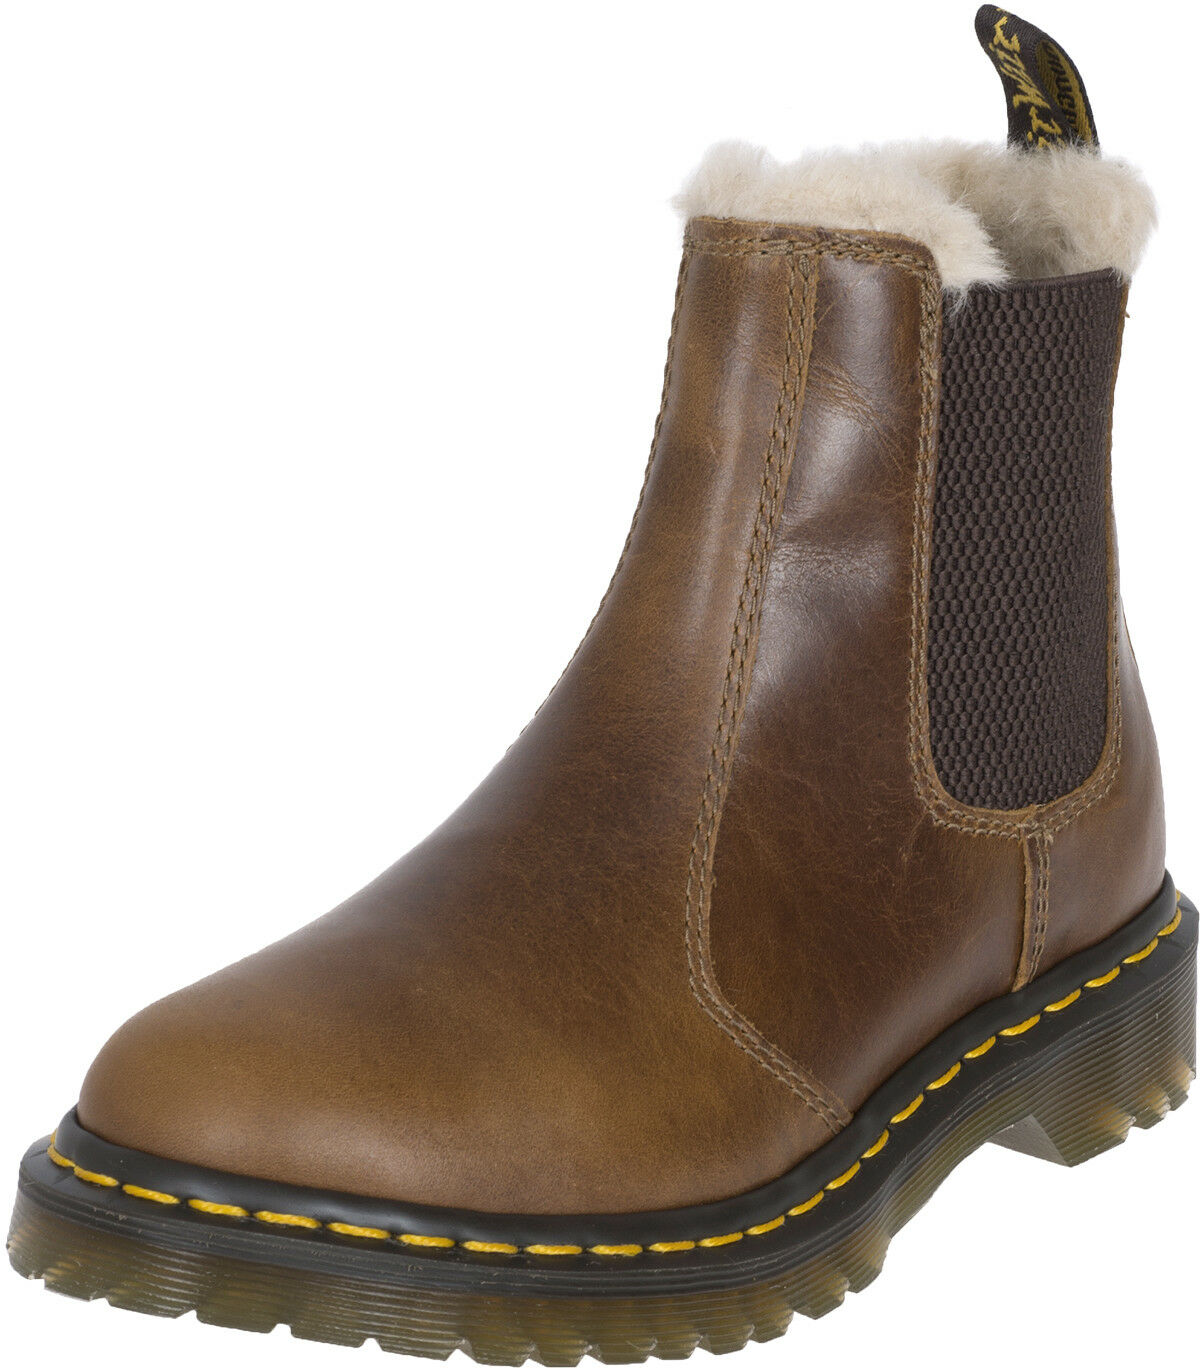 Dr. Martens 2976 LEONORE Butterscotch Fake Fur CHELSEA Stiefel Stiefel Stiefel Stiefel Rockabilly   0d7f24